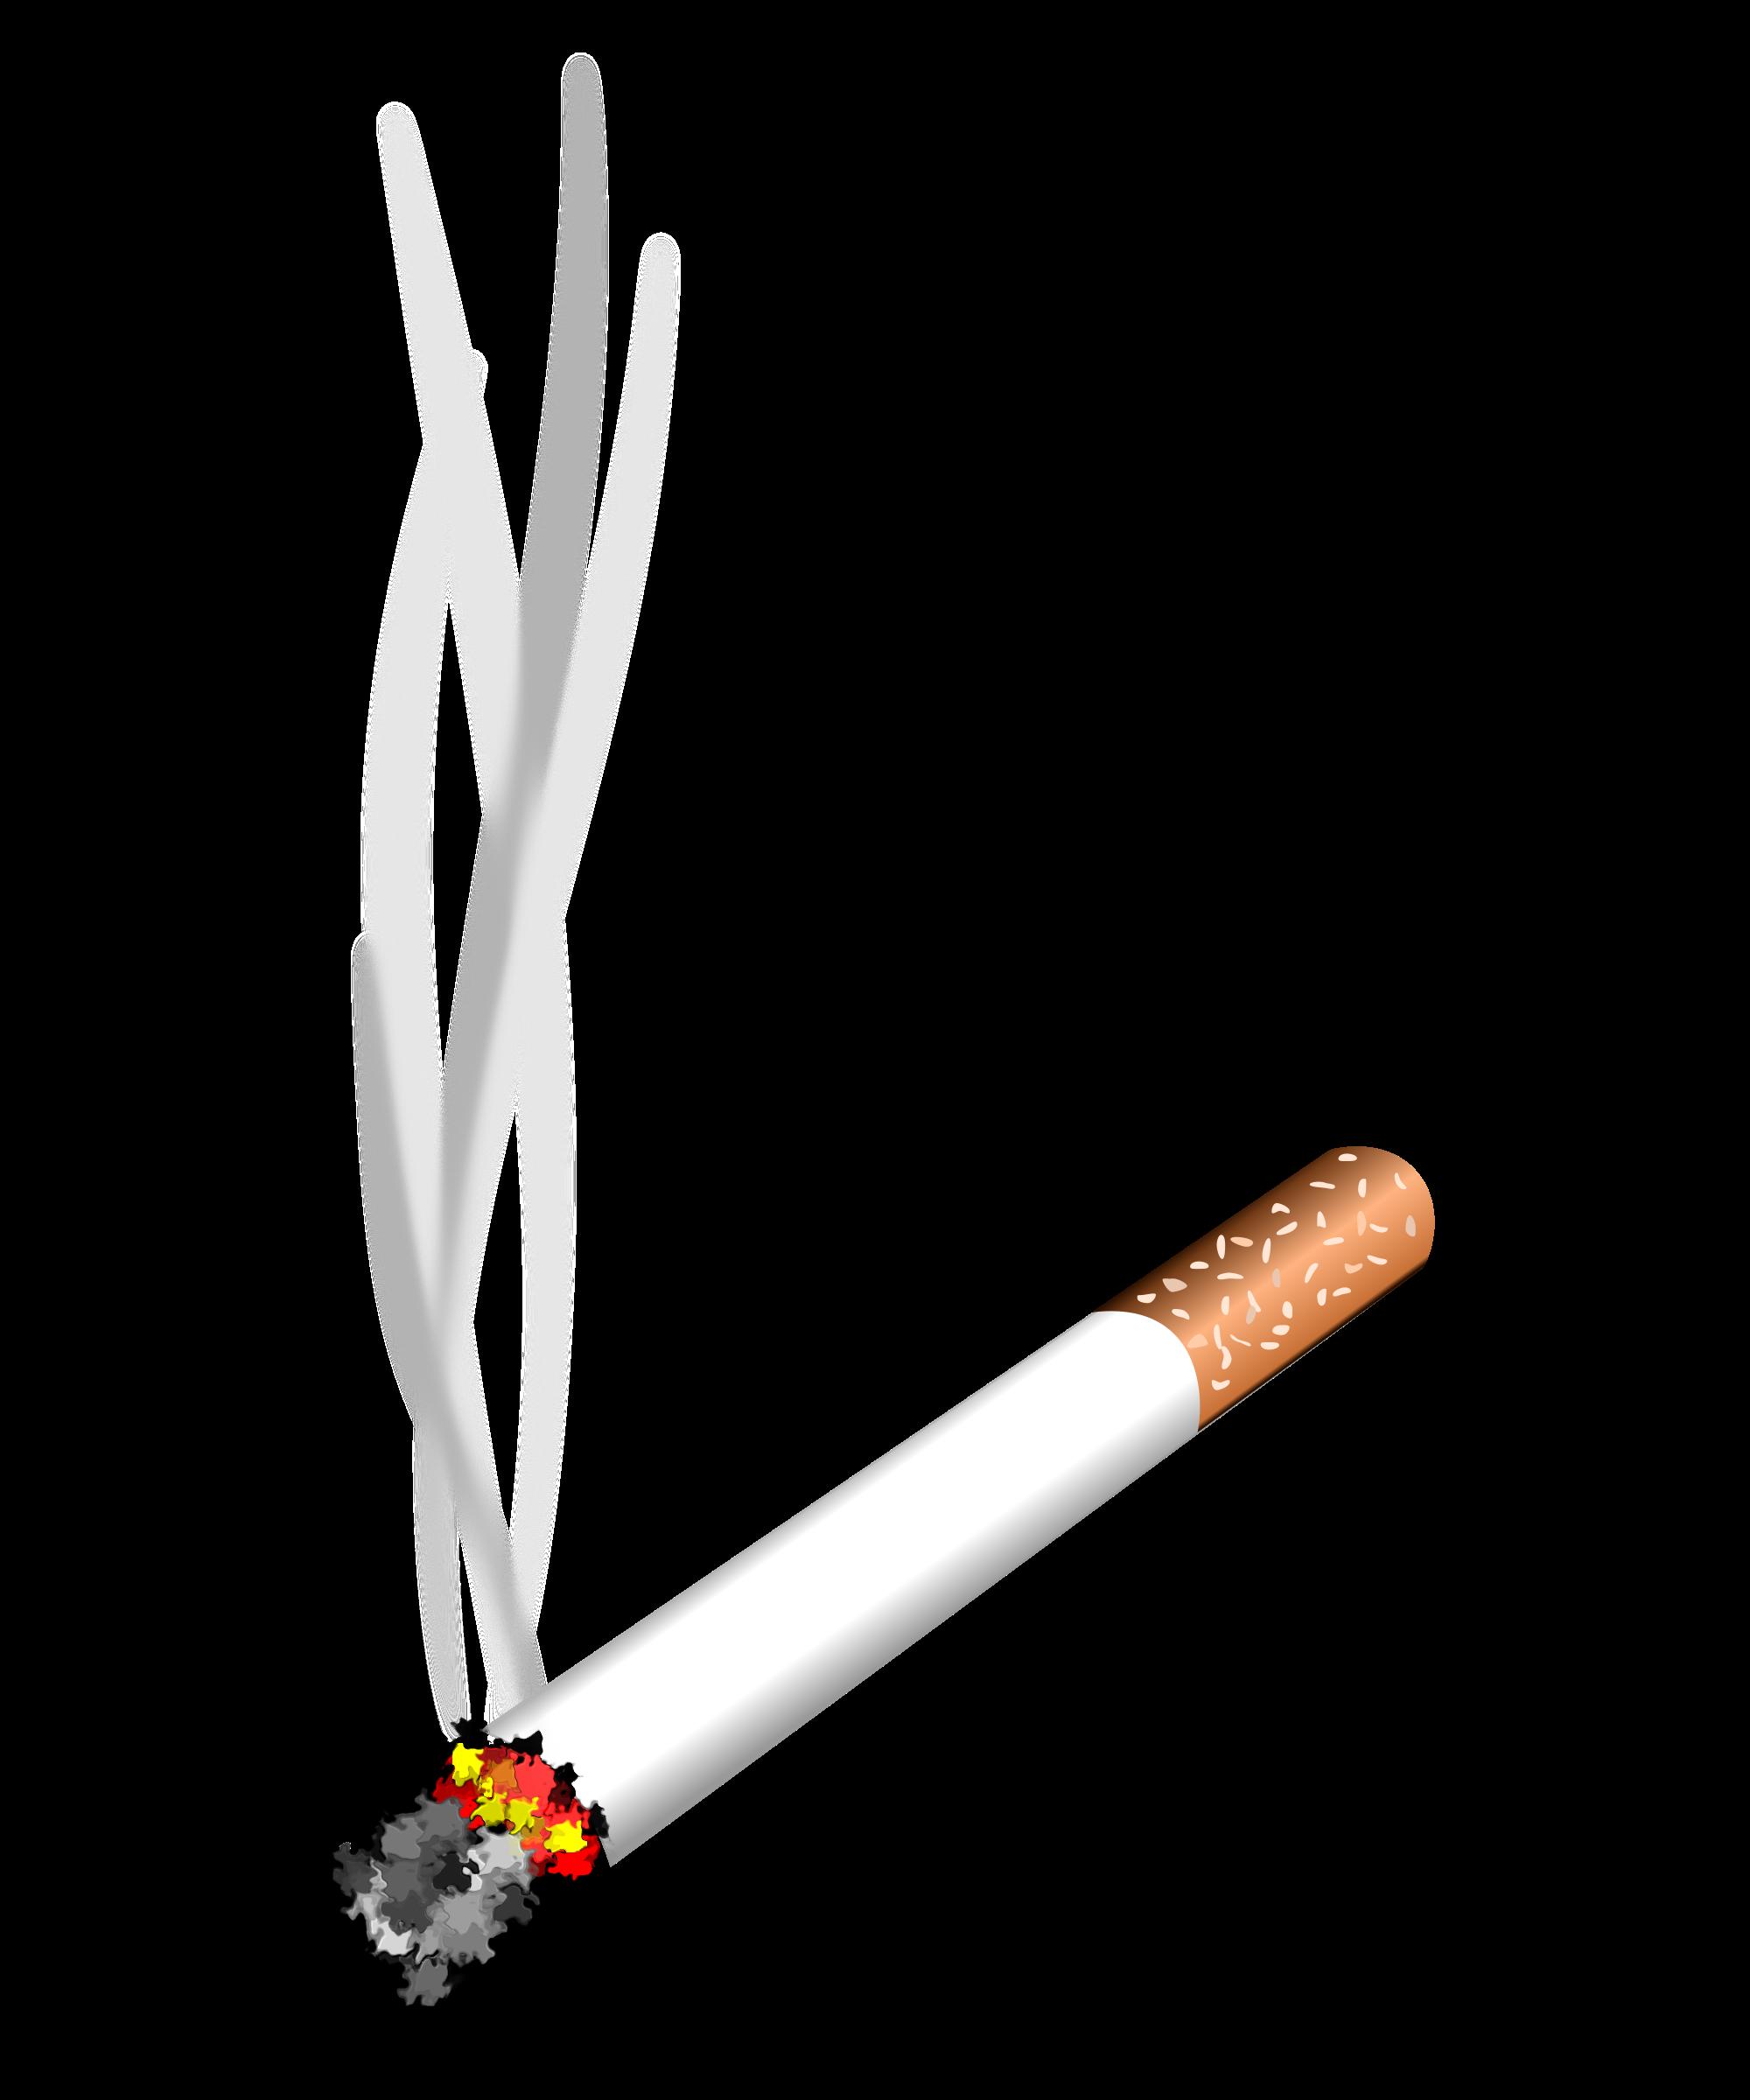 Thug Life Cigarette Smoke Png PNG Image - Thug PNG